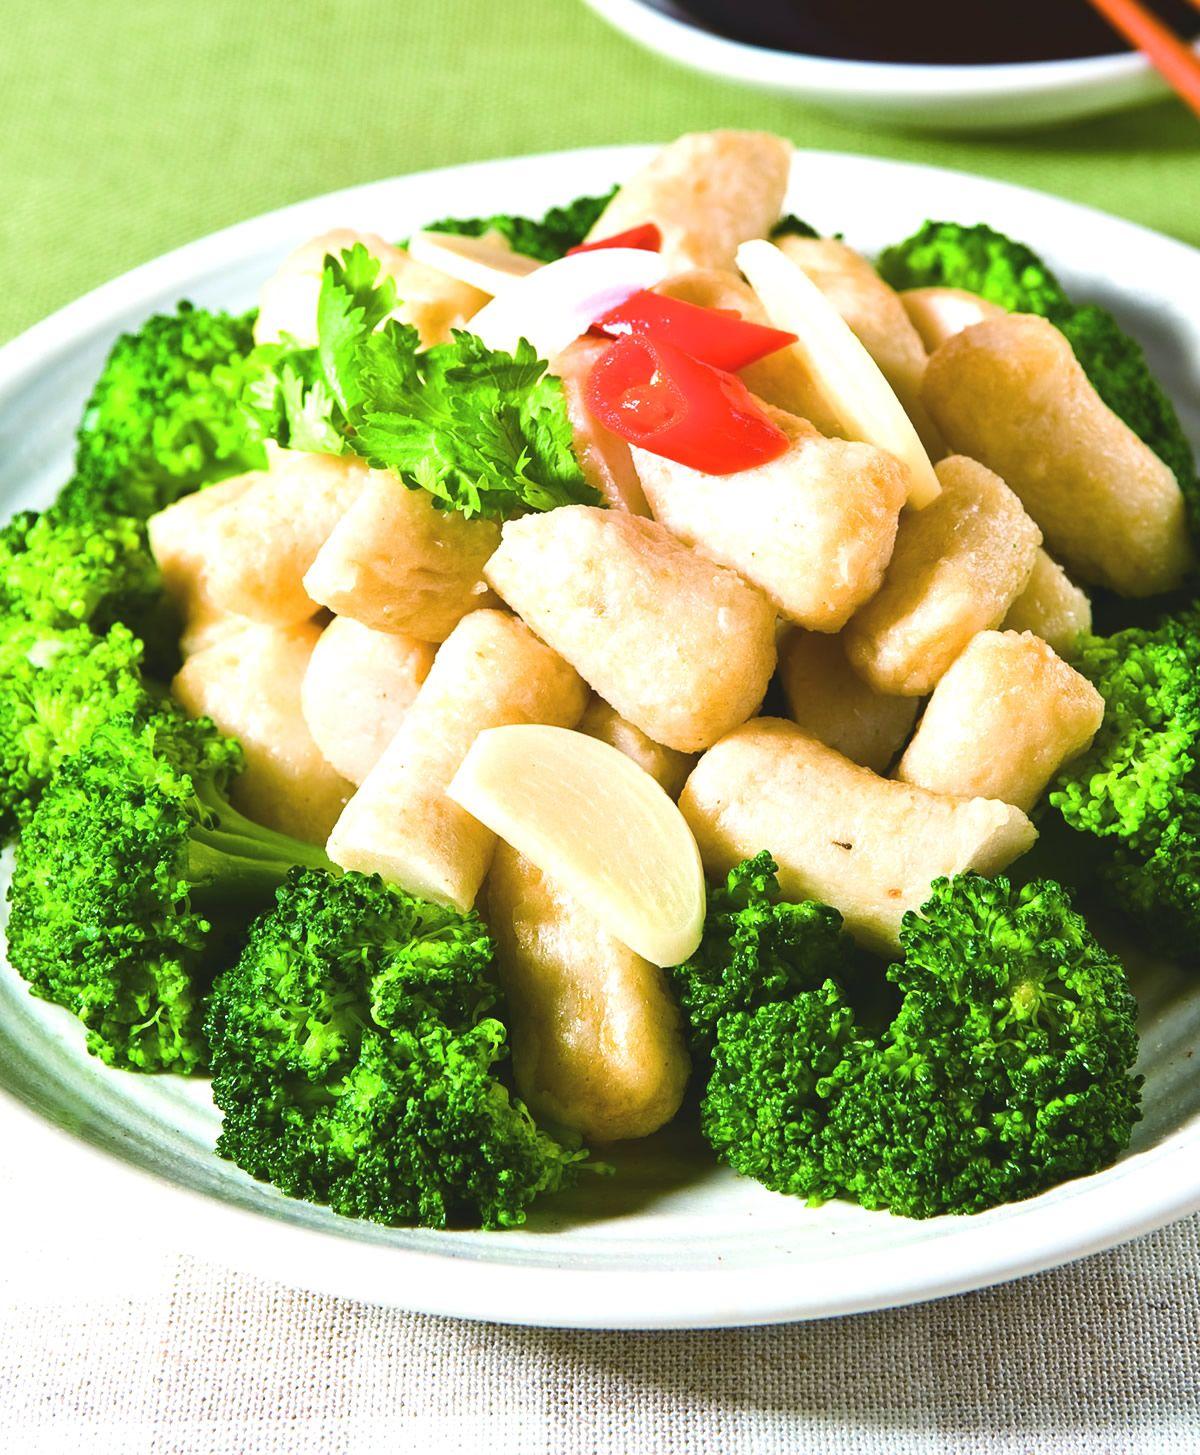 食譜:綠花椰炒甜不辣